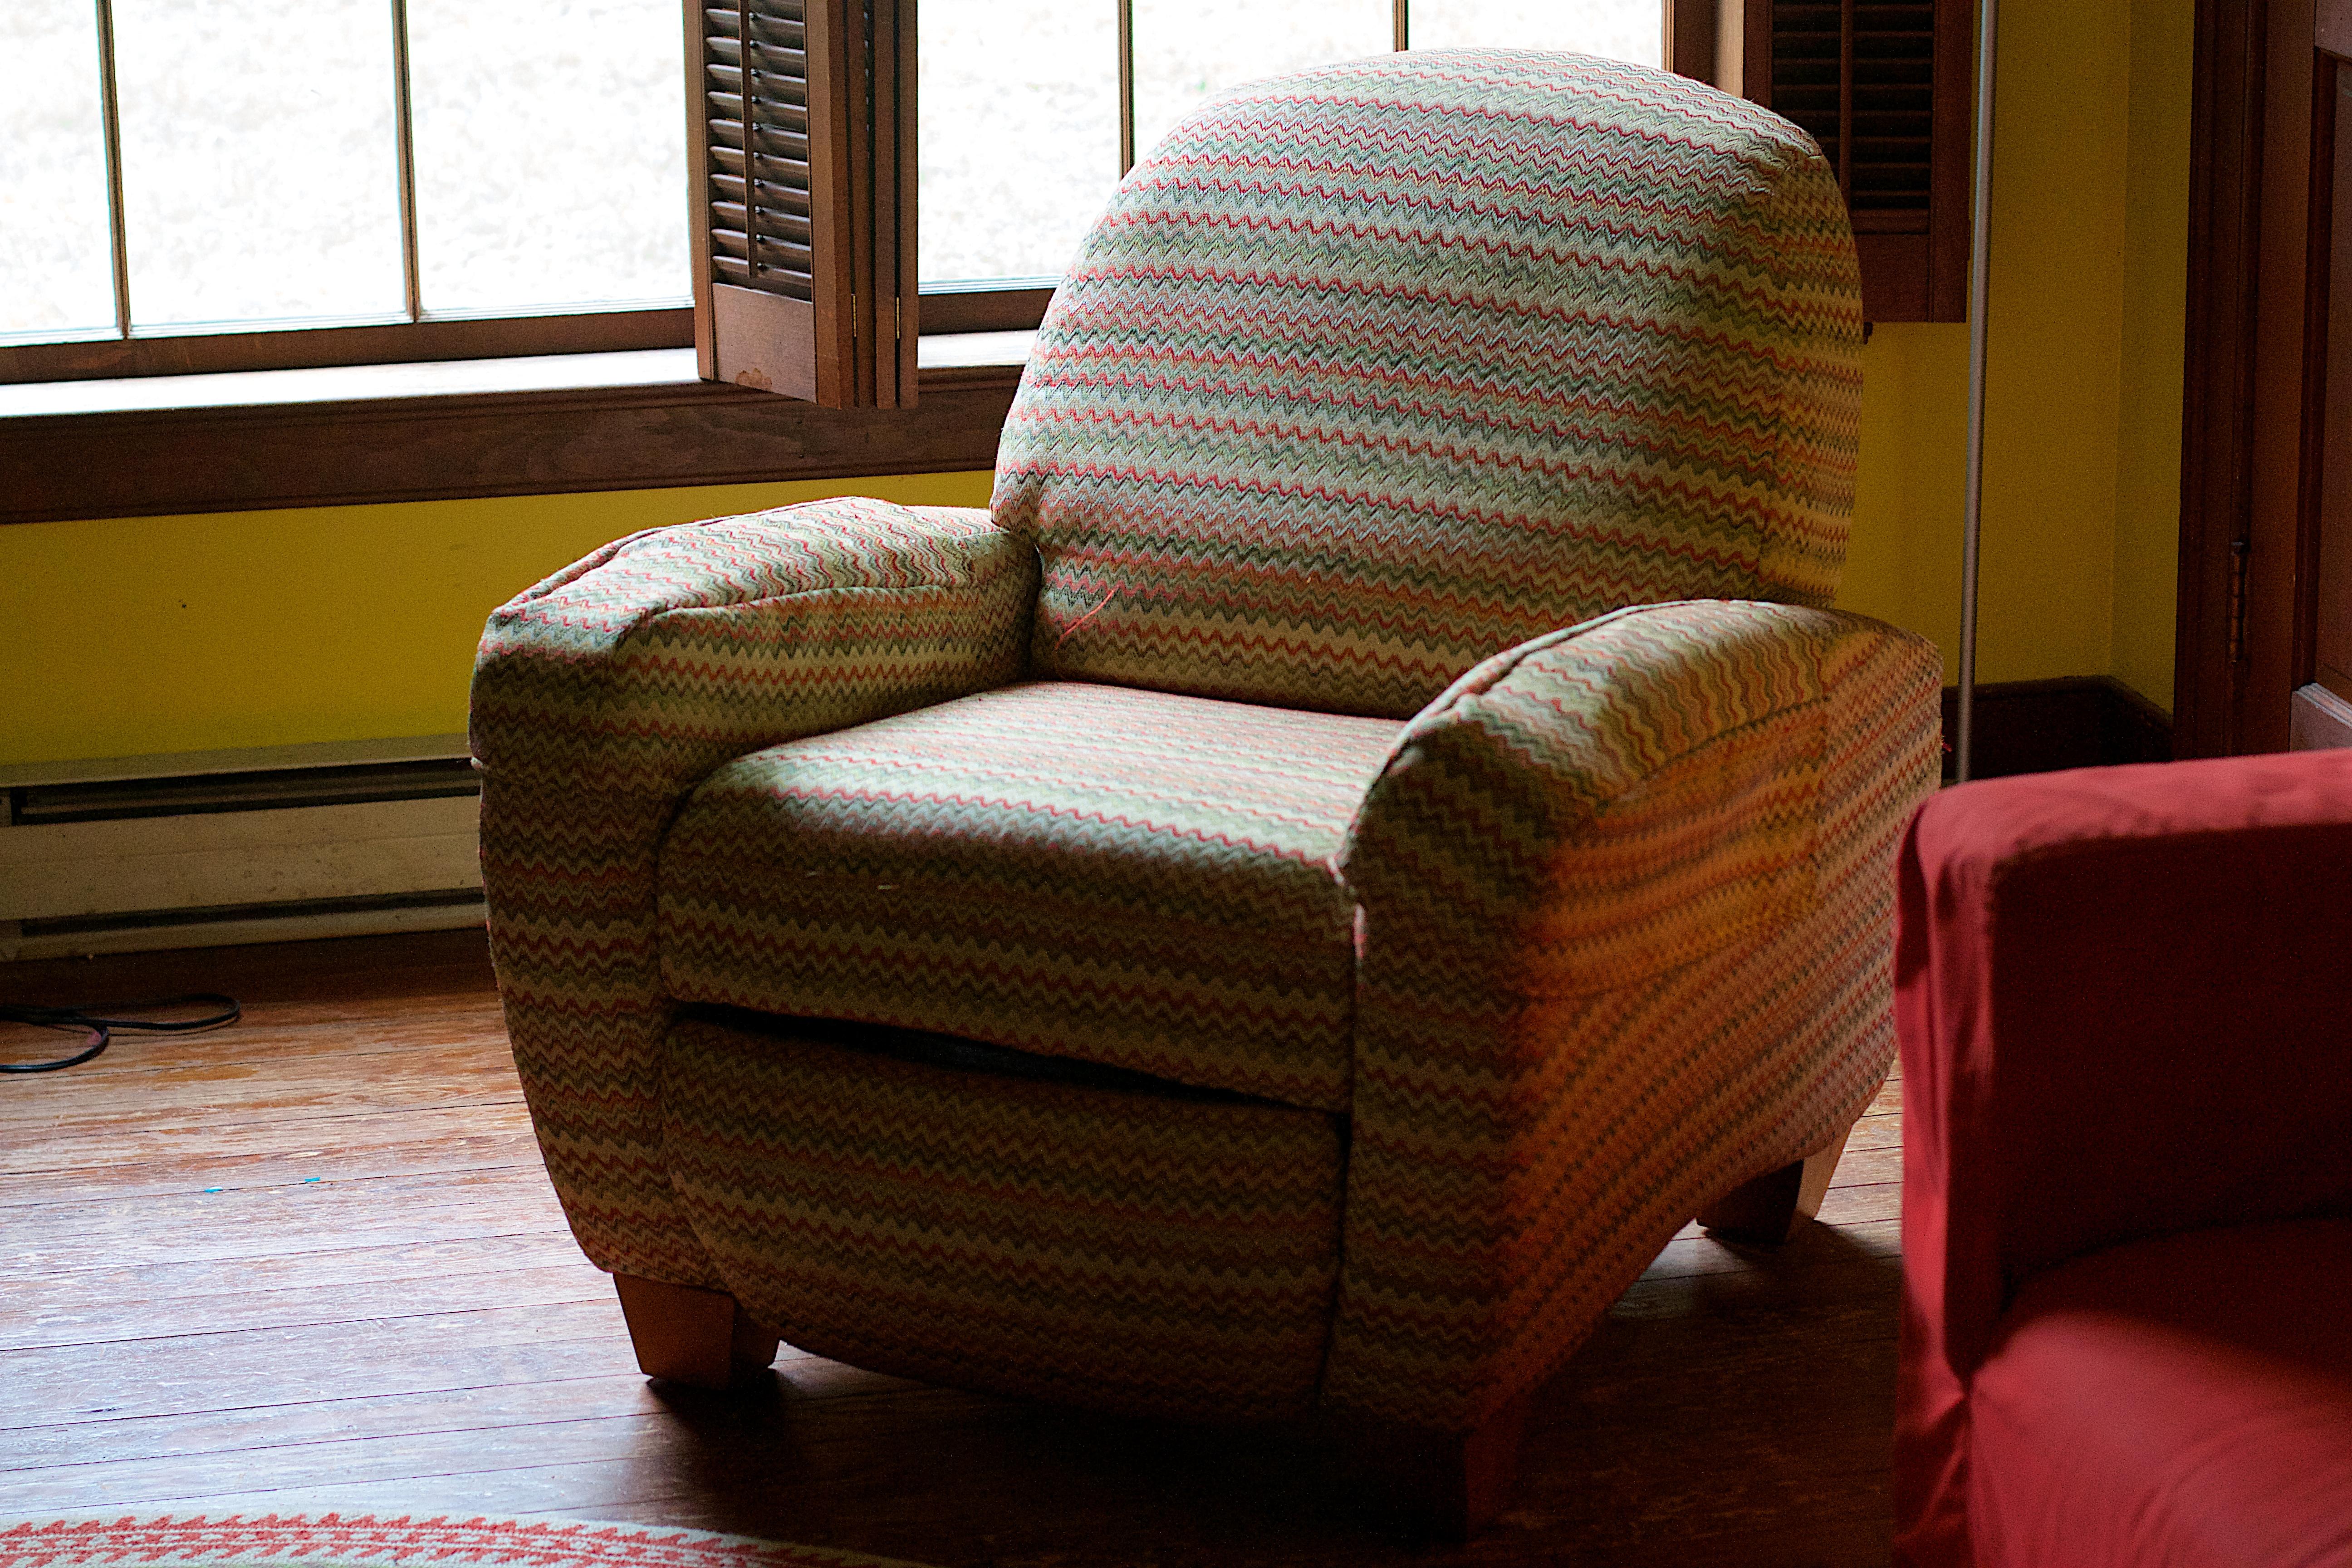 Fotos gratis : madera, silla, sala, mueble, habitación, sofá, Objeto ...